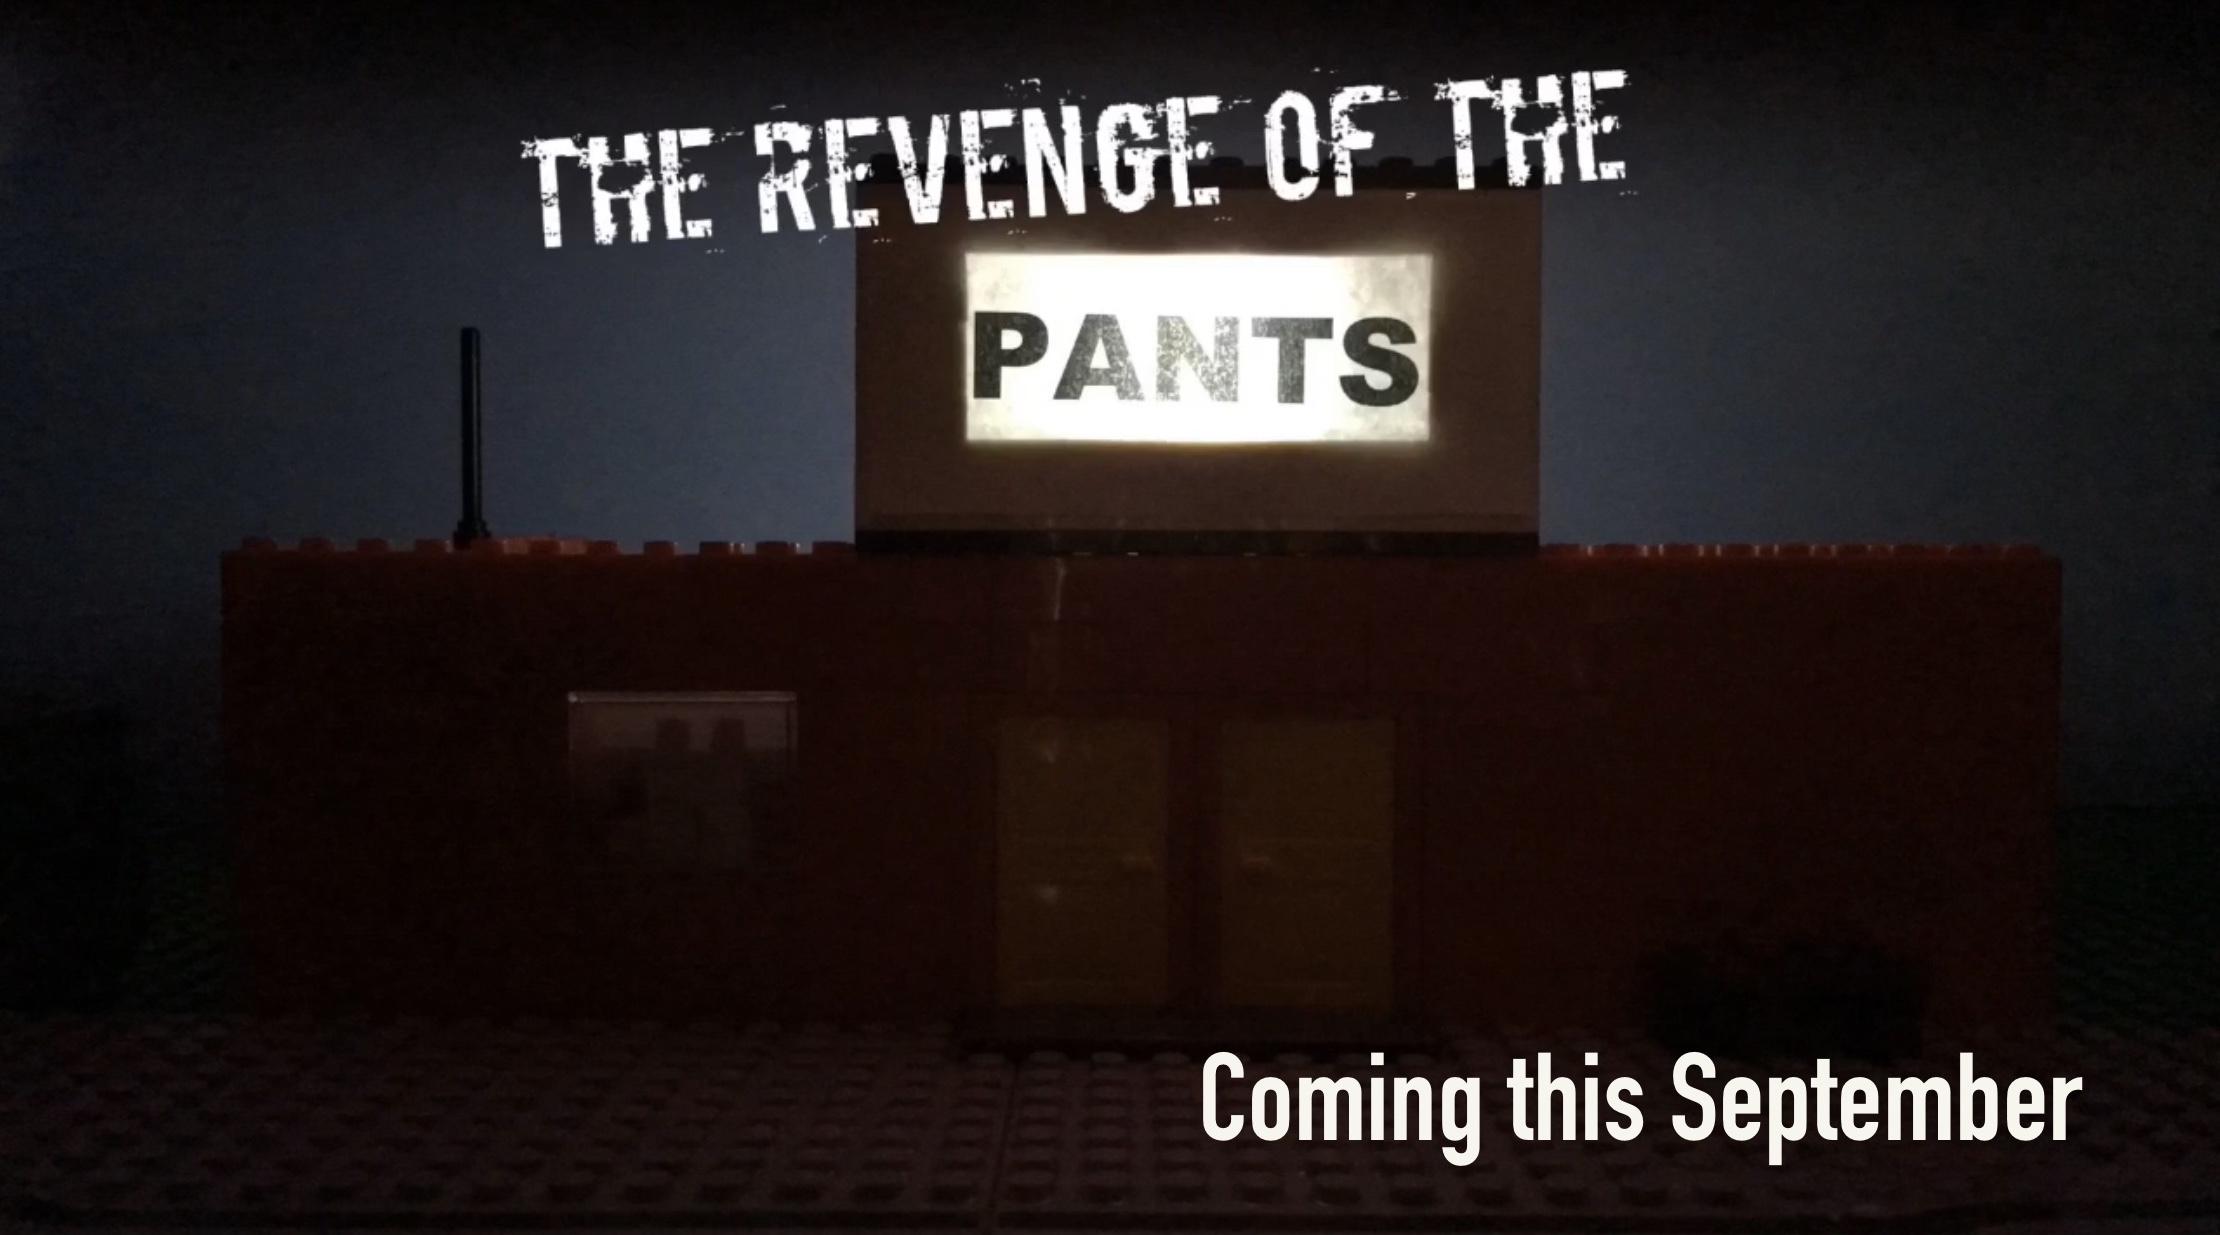 https://bricksafe.com/files/JuiceBoxStudios/juiceboxstudios-pics/the-revenge-of-the-pants/1F12E603-0D69-48EC-BF05-D3645A136F68.jpeg